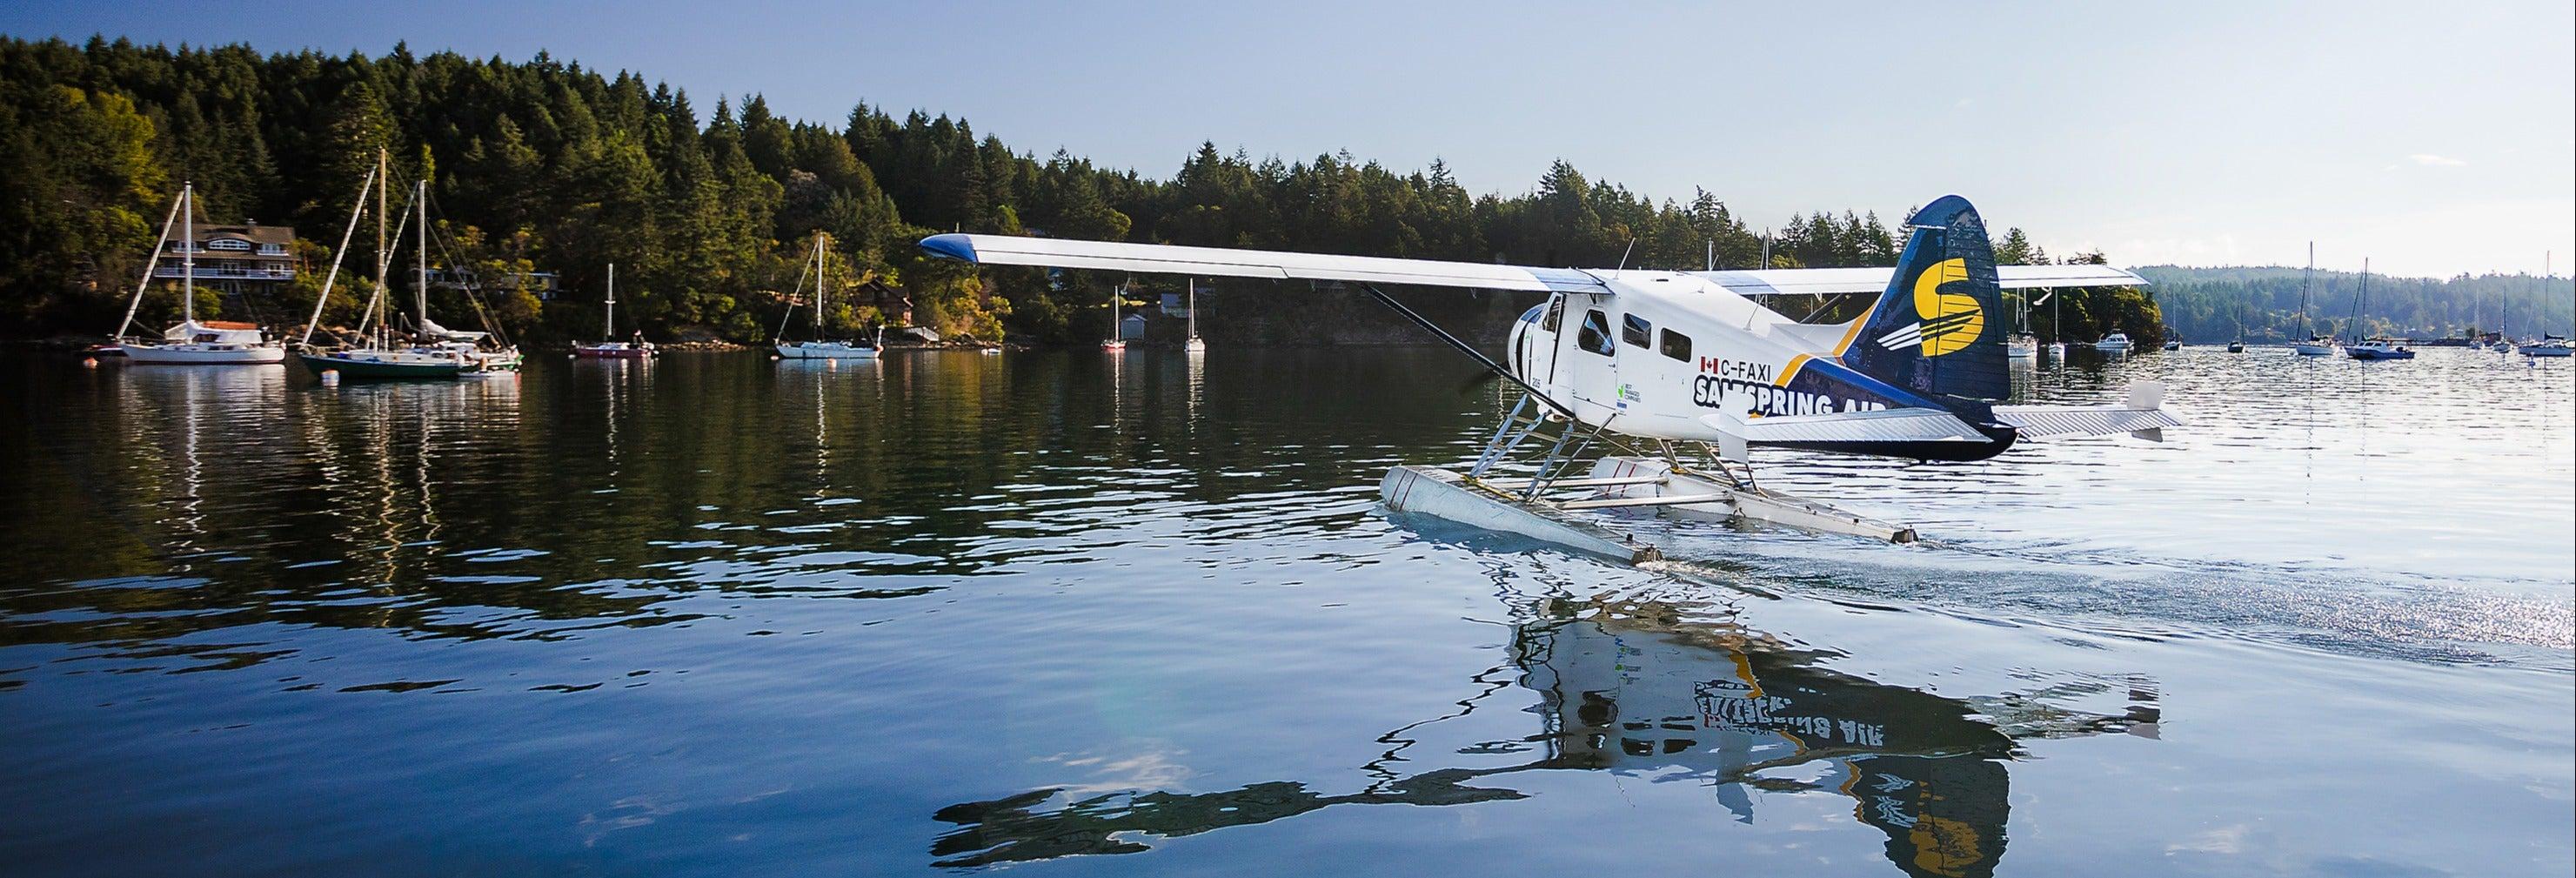 Excursão de hidroavião às Ilhas do Golfo + Caiaque